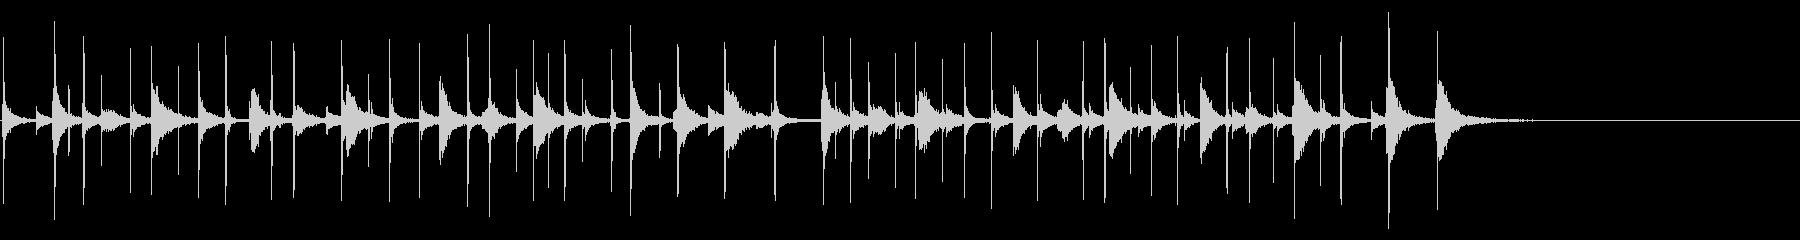 キッチンバンド、音楽、パーカッショ...の未再生の波形